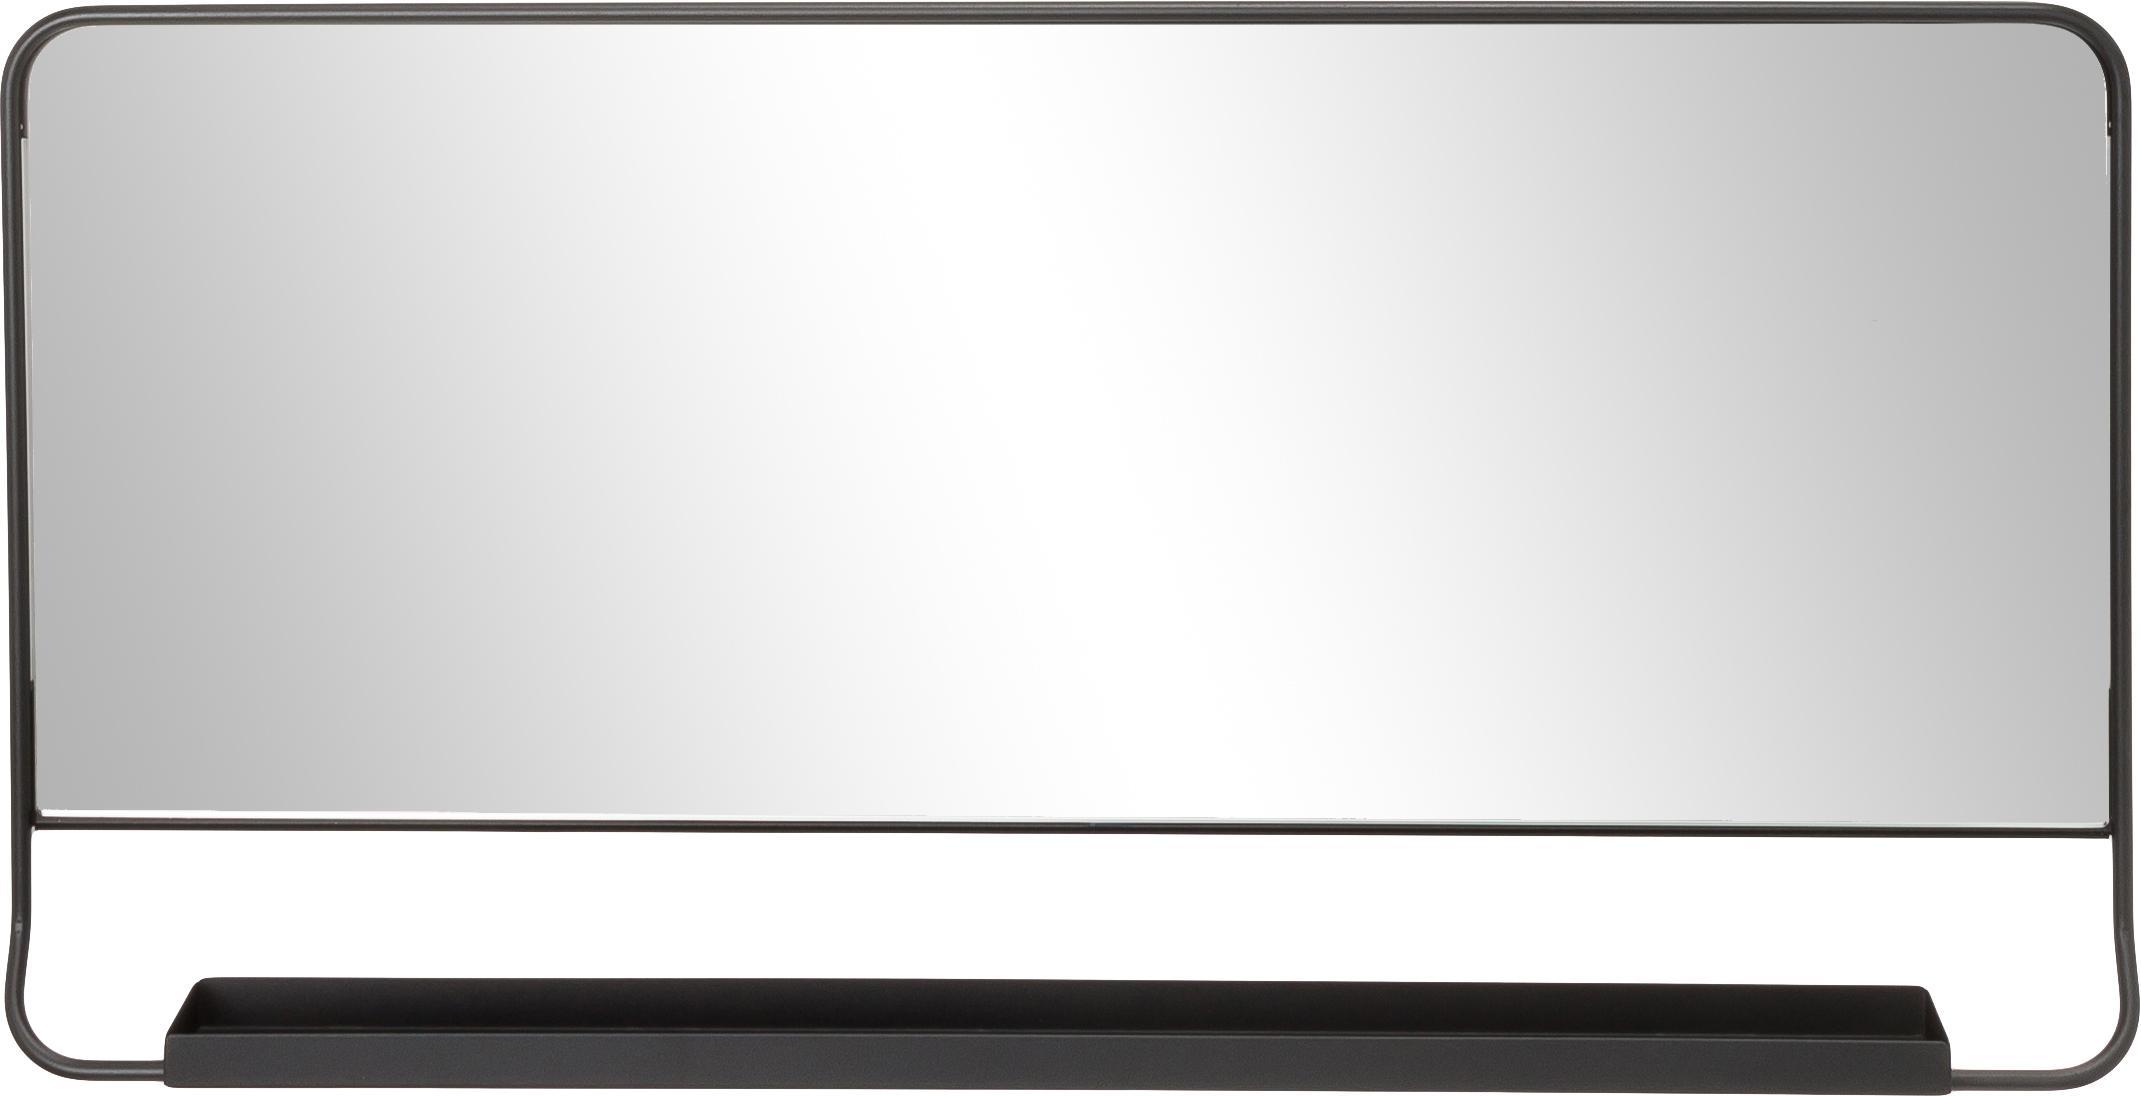 Eckiger Wandspiegel Chic mit Ablagefläche, Schwarz, 80 x 40 cm